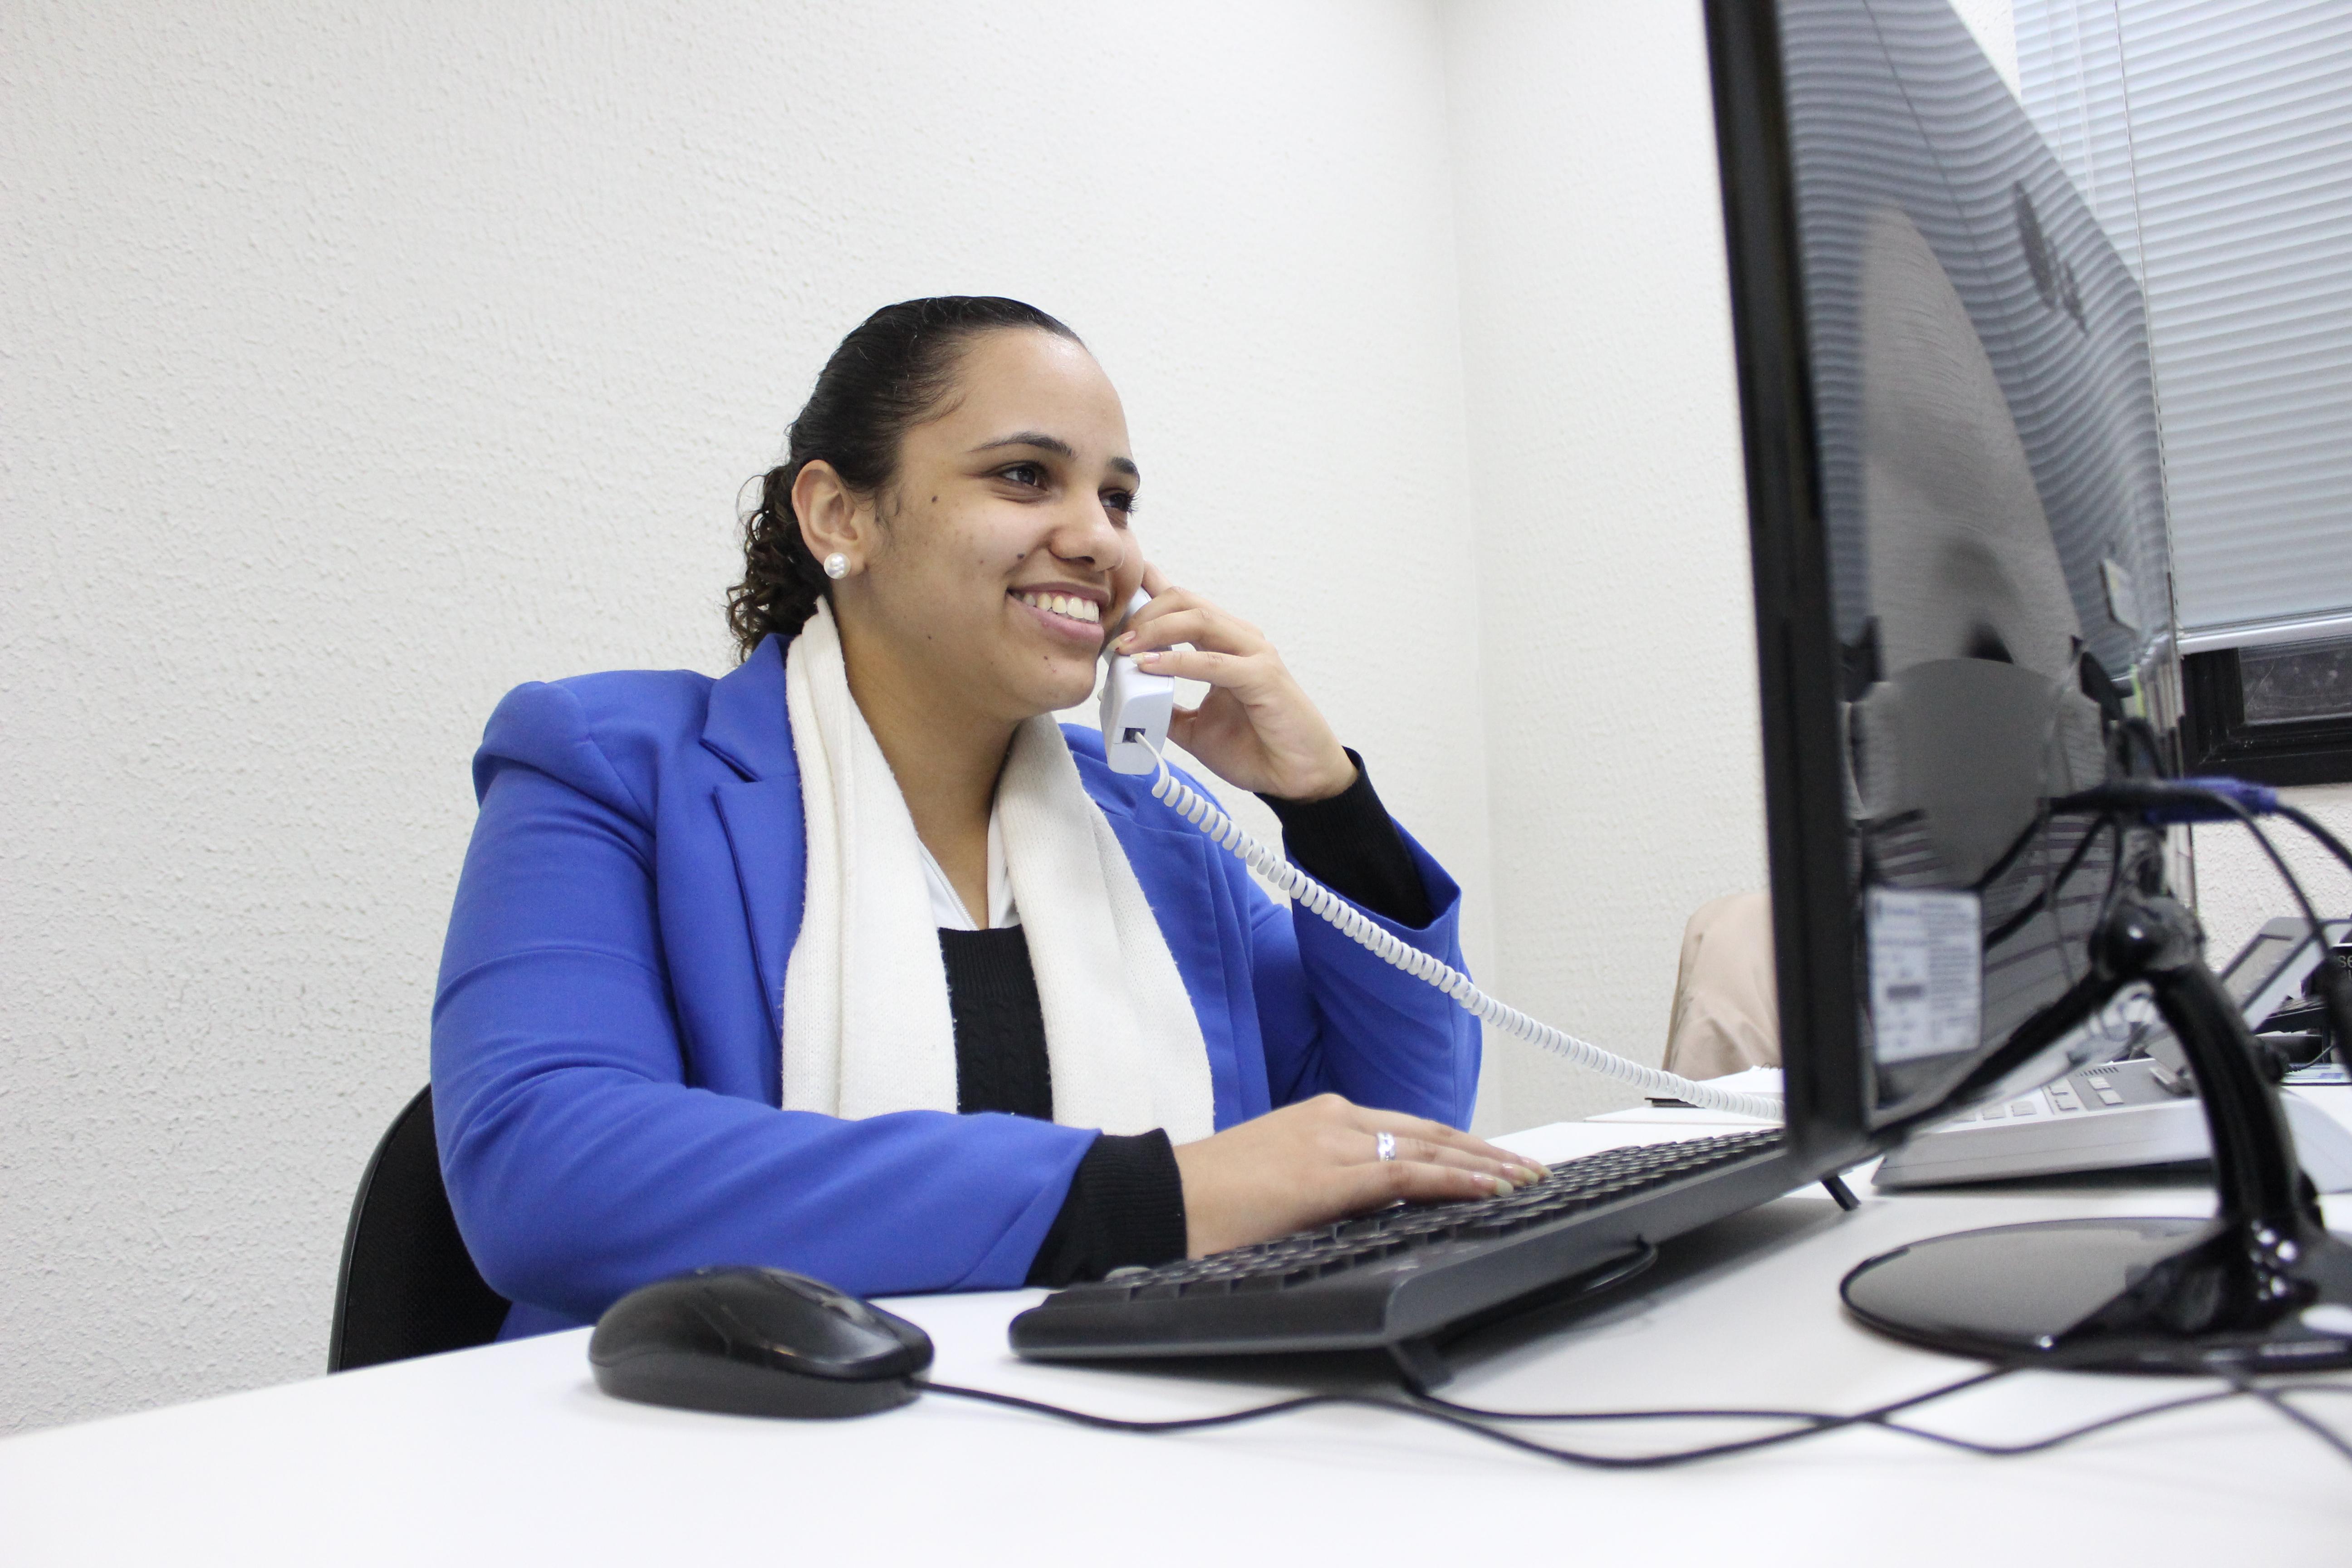 Descrição de imagem: Foto de Stephani Felix utilizando um computador. Ela tem pele clara, cabelos pretos presos em um rabo de cavalo e usa blazer azul com um lenço branco em volta do pescoço. Segura com a mão esquerda um telefone e com a direita digita no teclado.